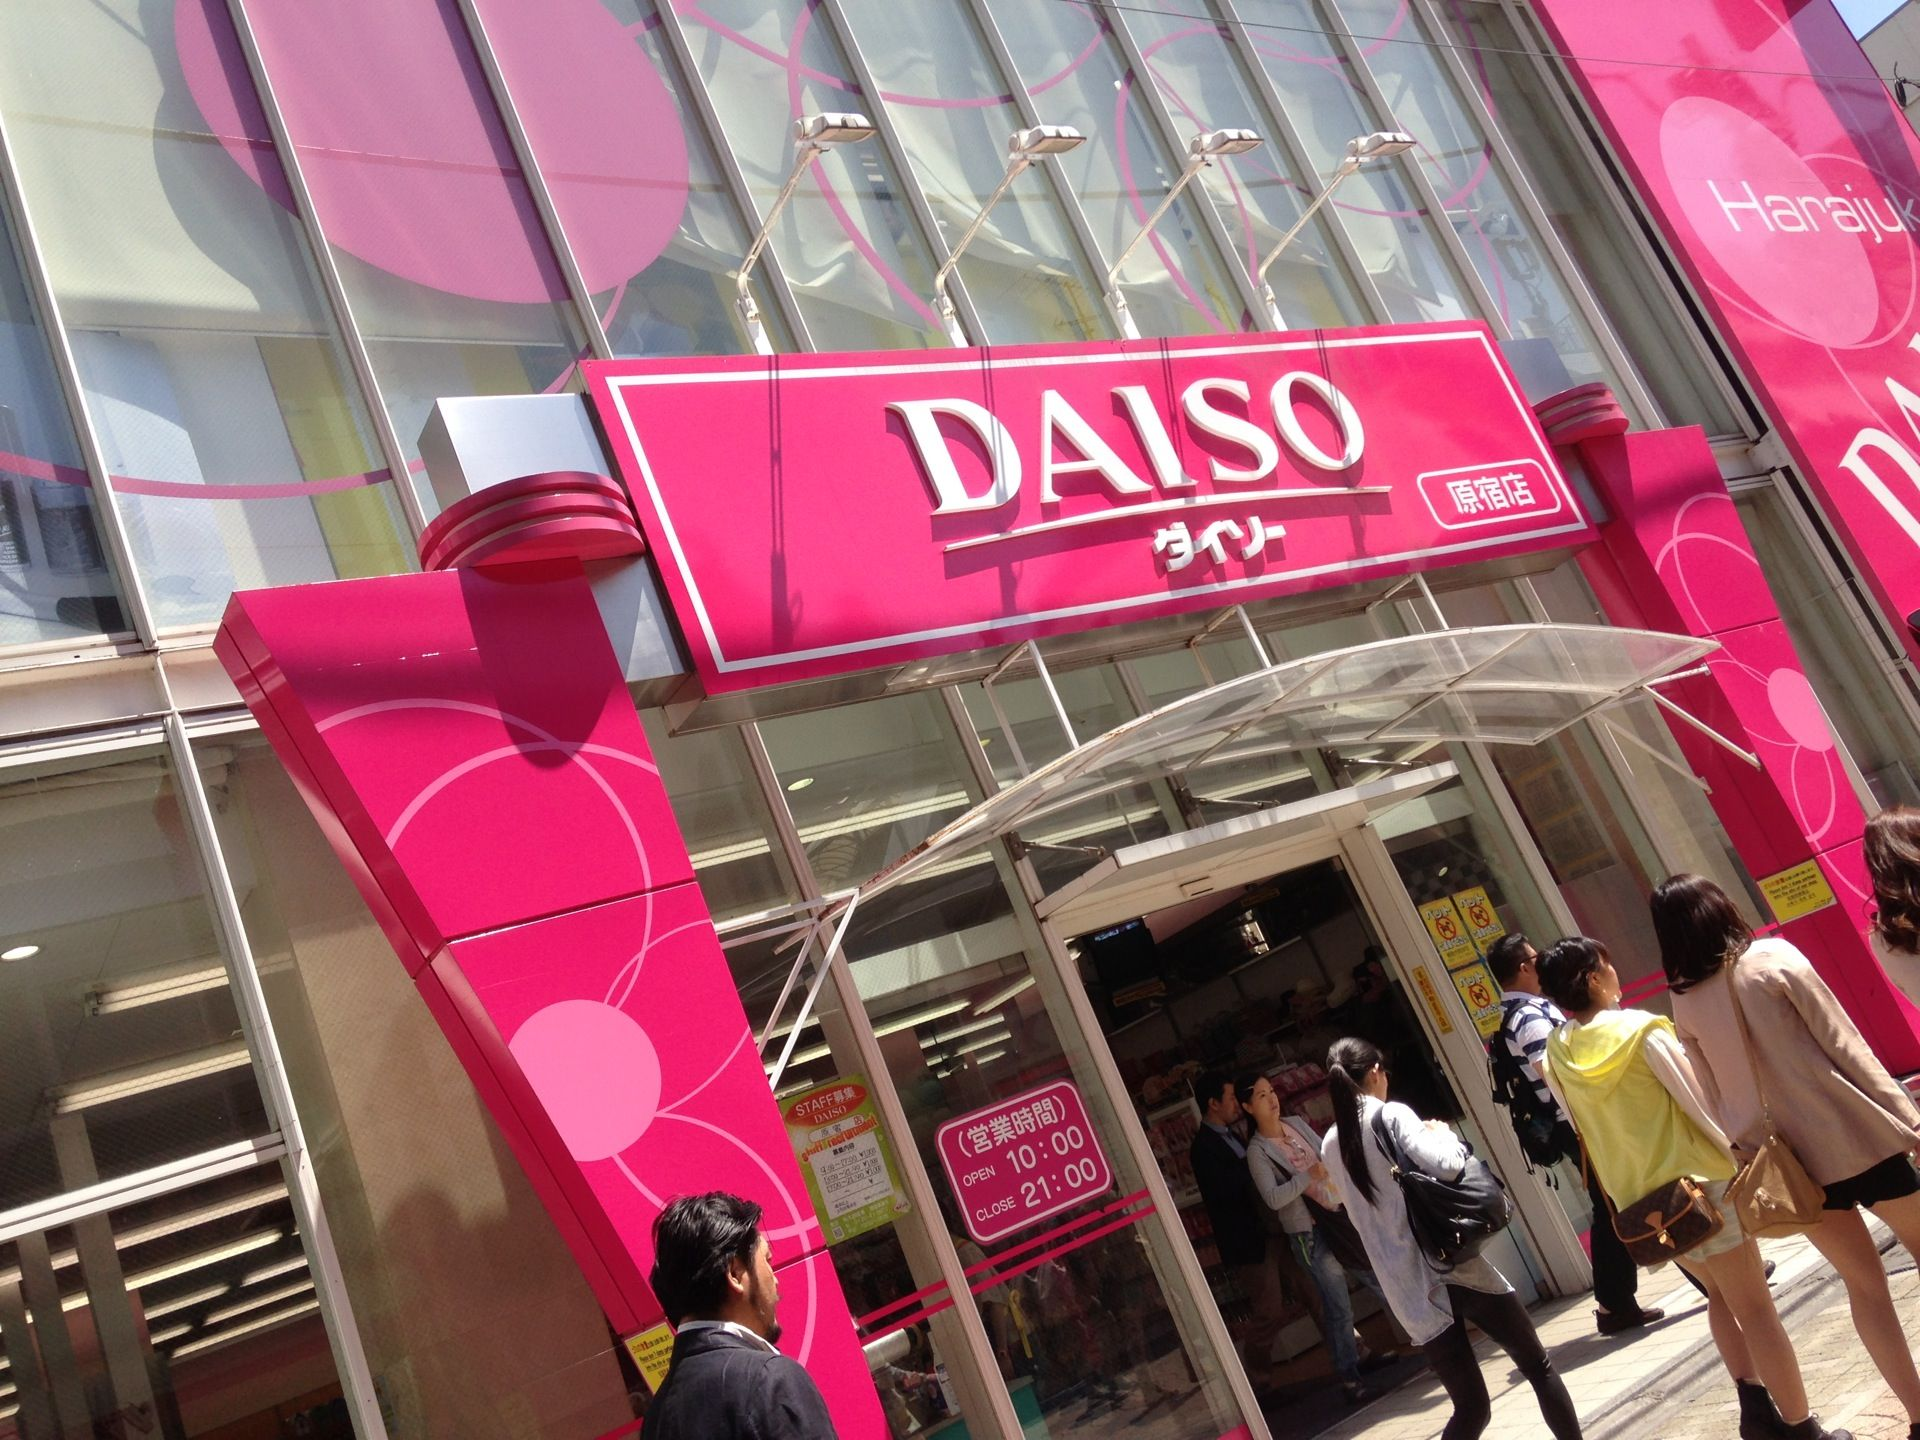 ダイソー 原宿店 in 渋谷区, 東京都 Discount store Daiso, Japan travel